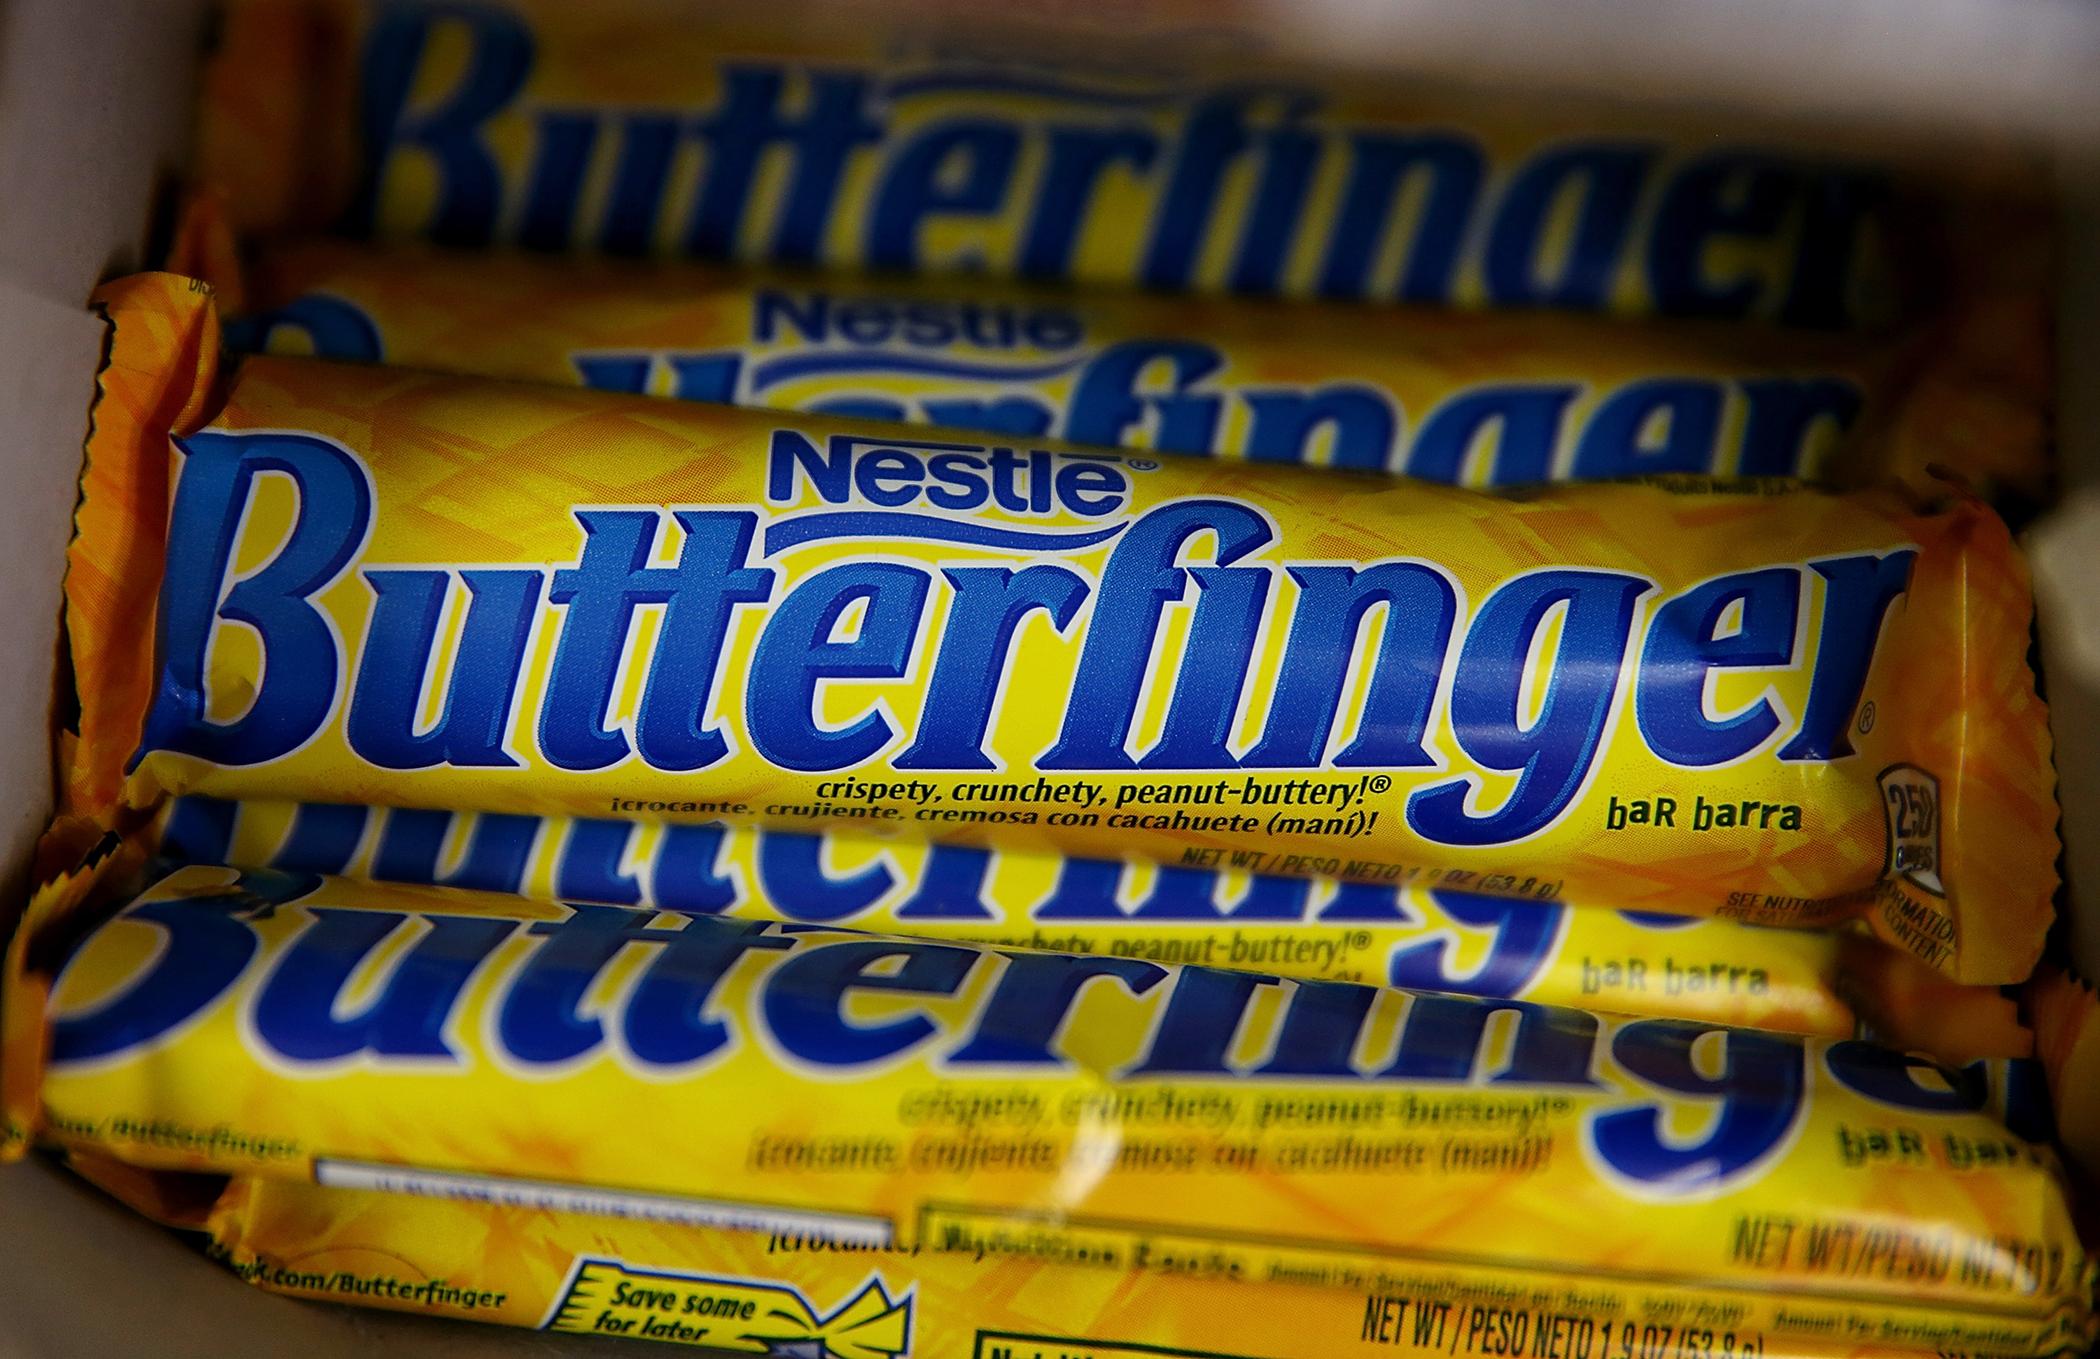 Nestle Butterfinger candy bars